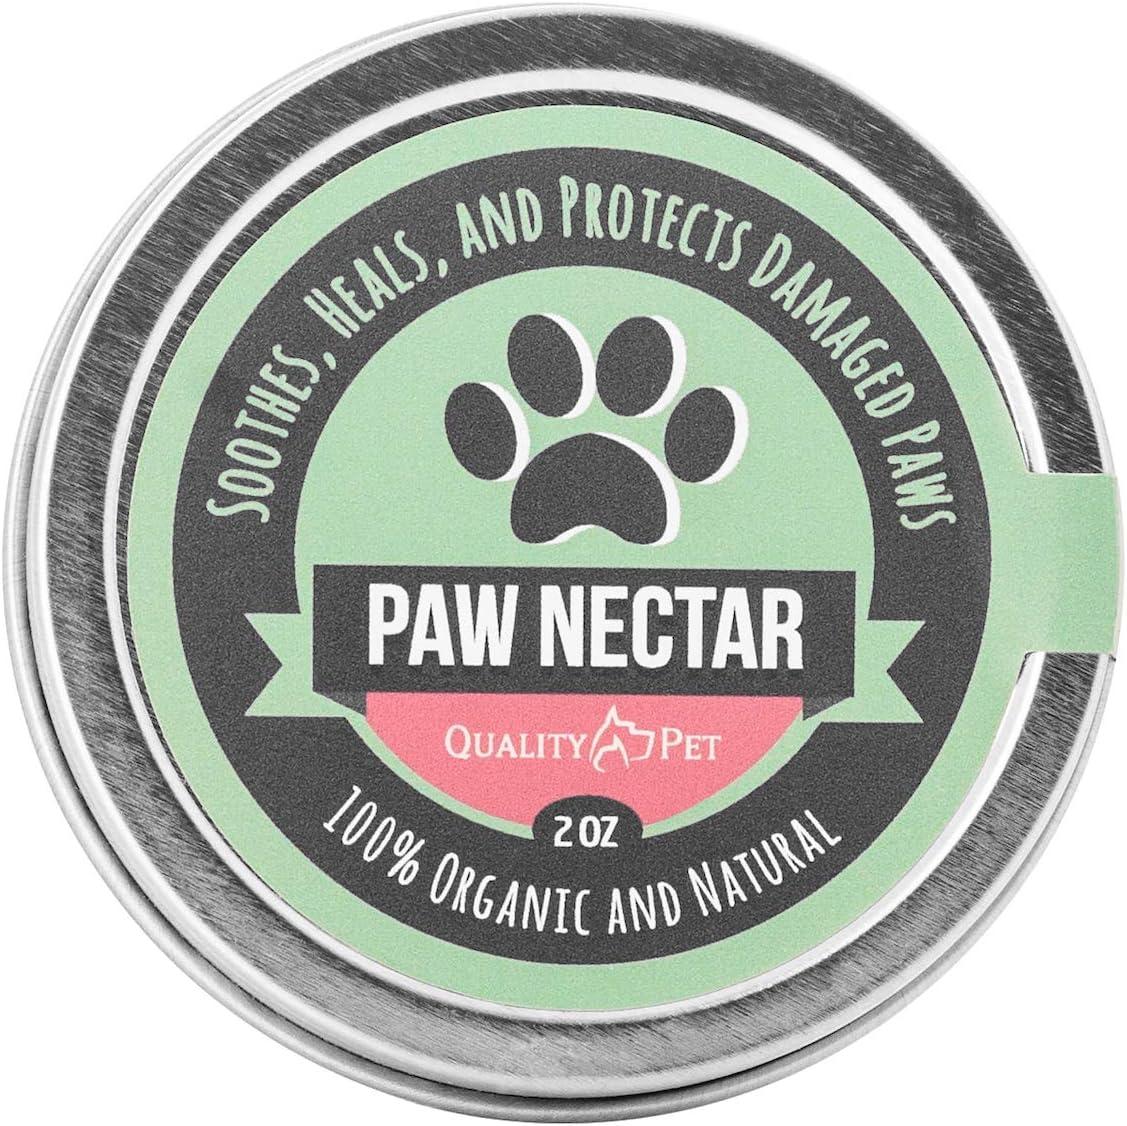 Paw Nectar 100% orgánico y Natural de la Pata Cera Cura y repara Las Patas del Perro